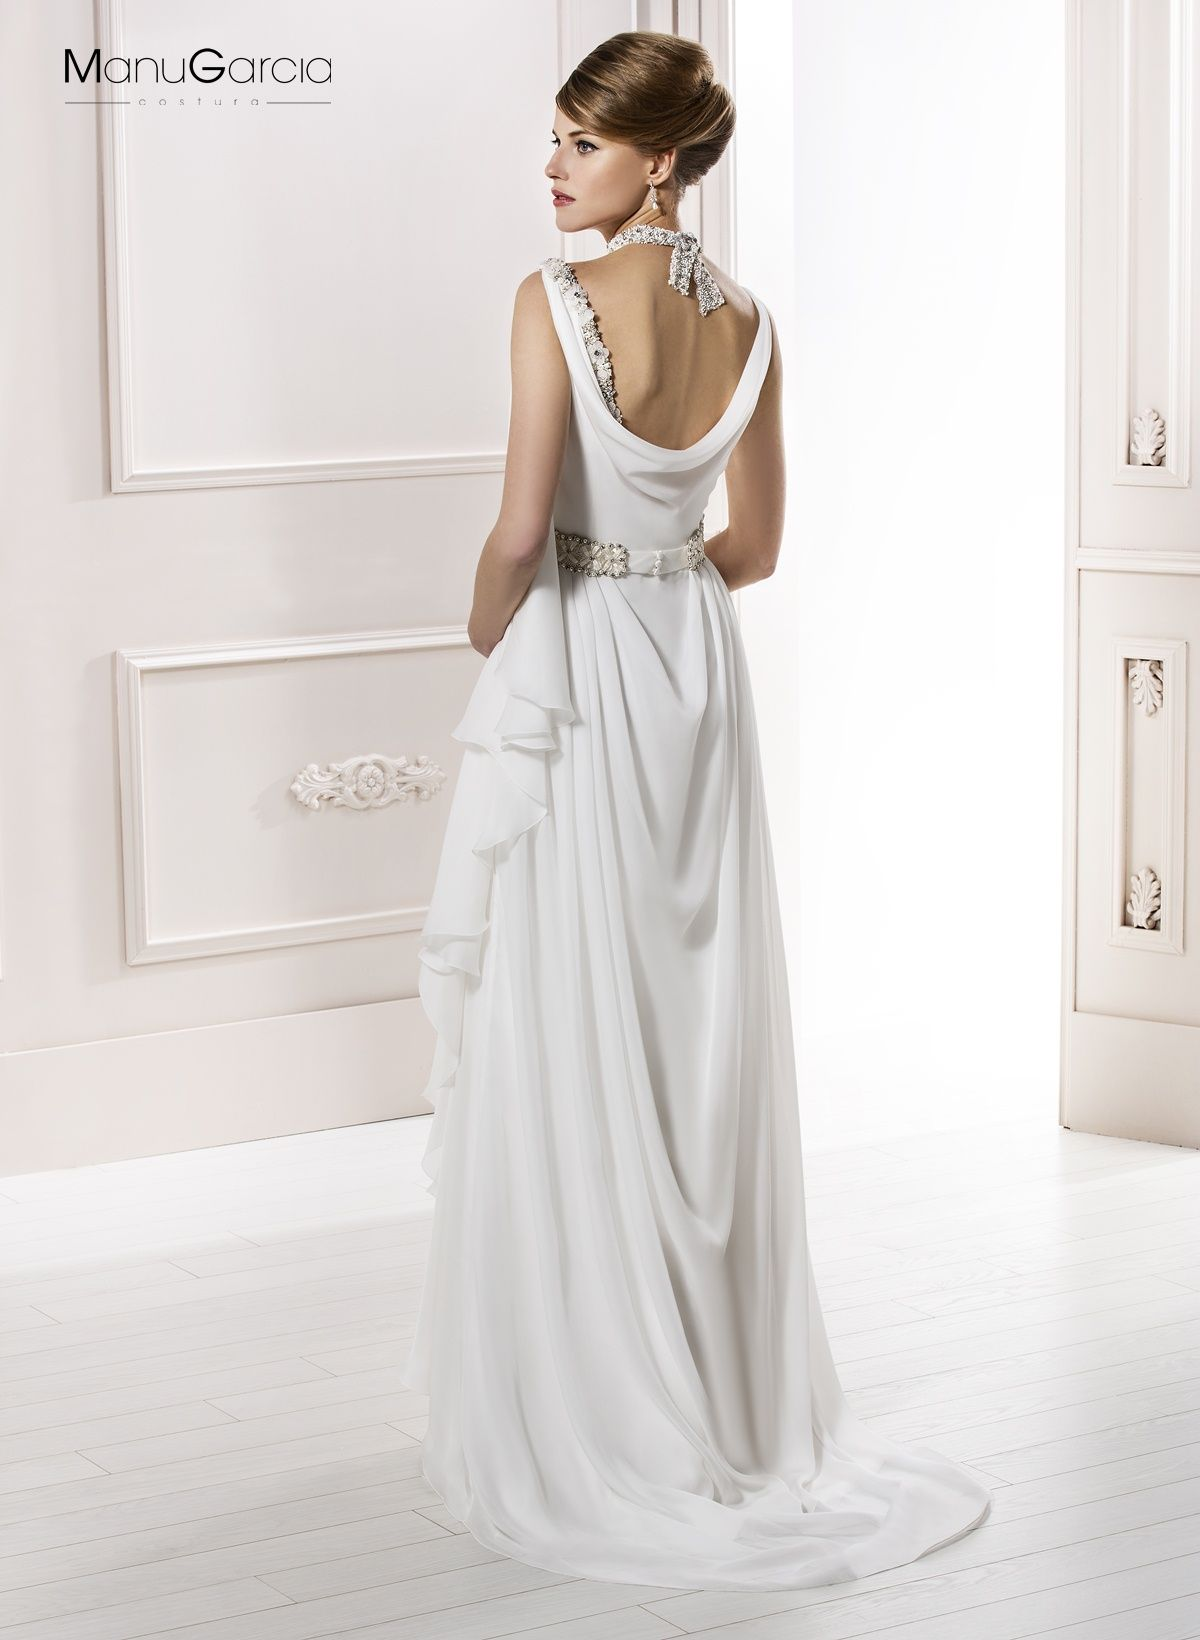 f0a6a90ed Vestido de novia estilo griego de gasa  byManuGarcía